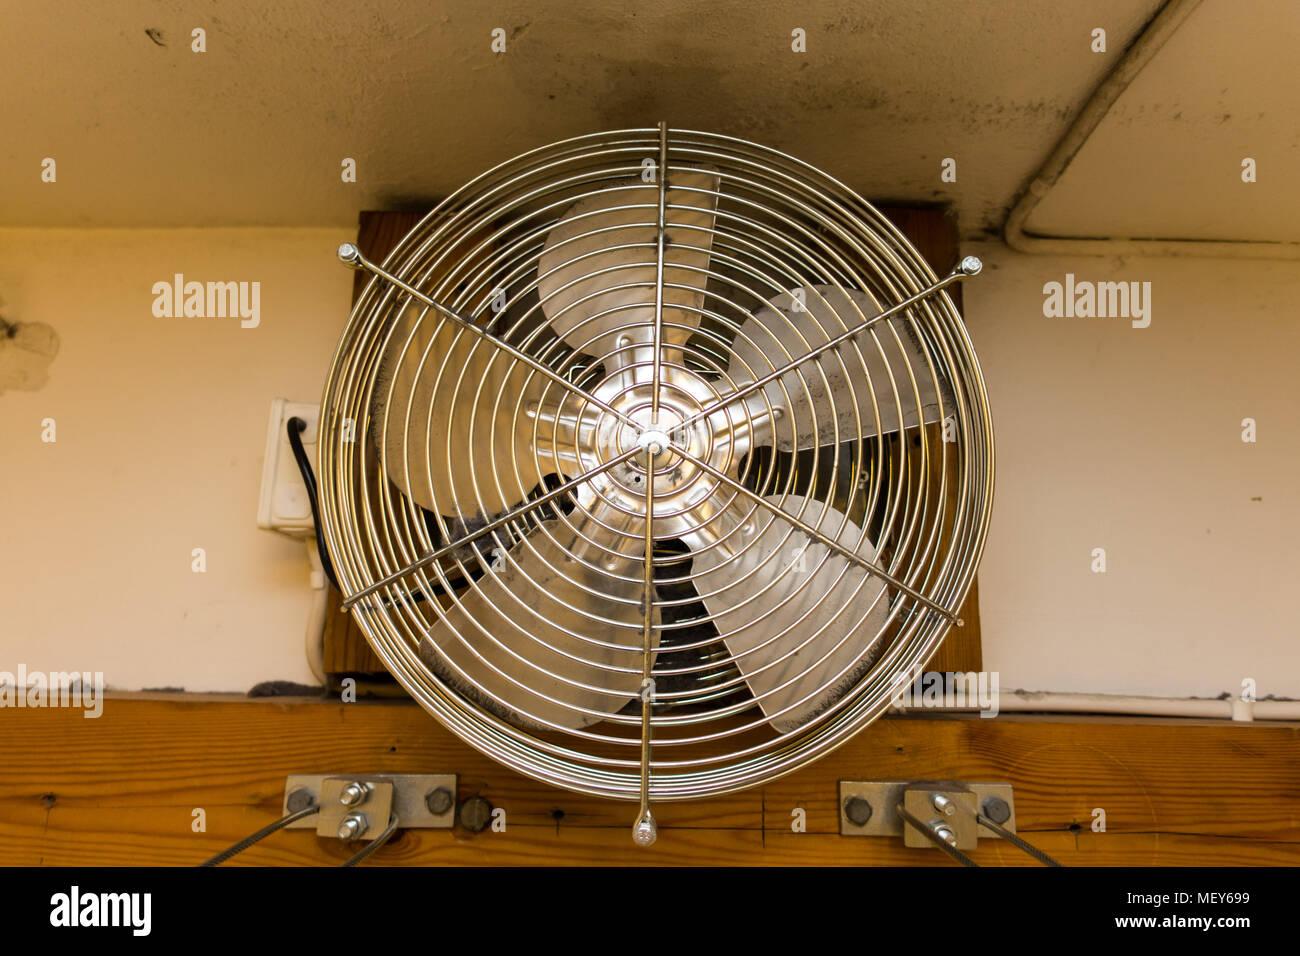 Ein Metal Fan in einem Trockenraum Stockbild